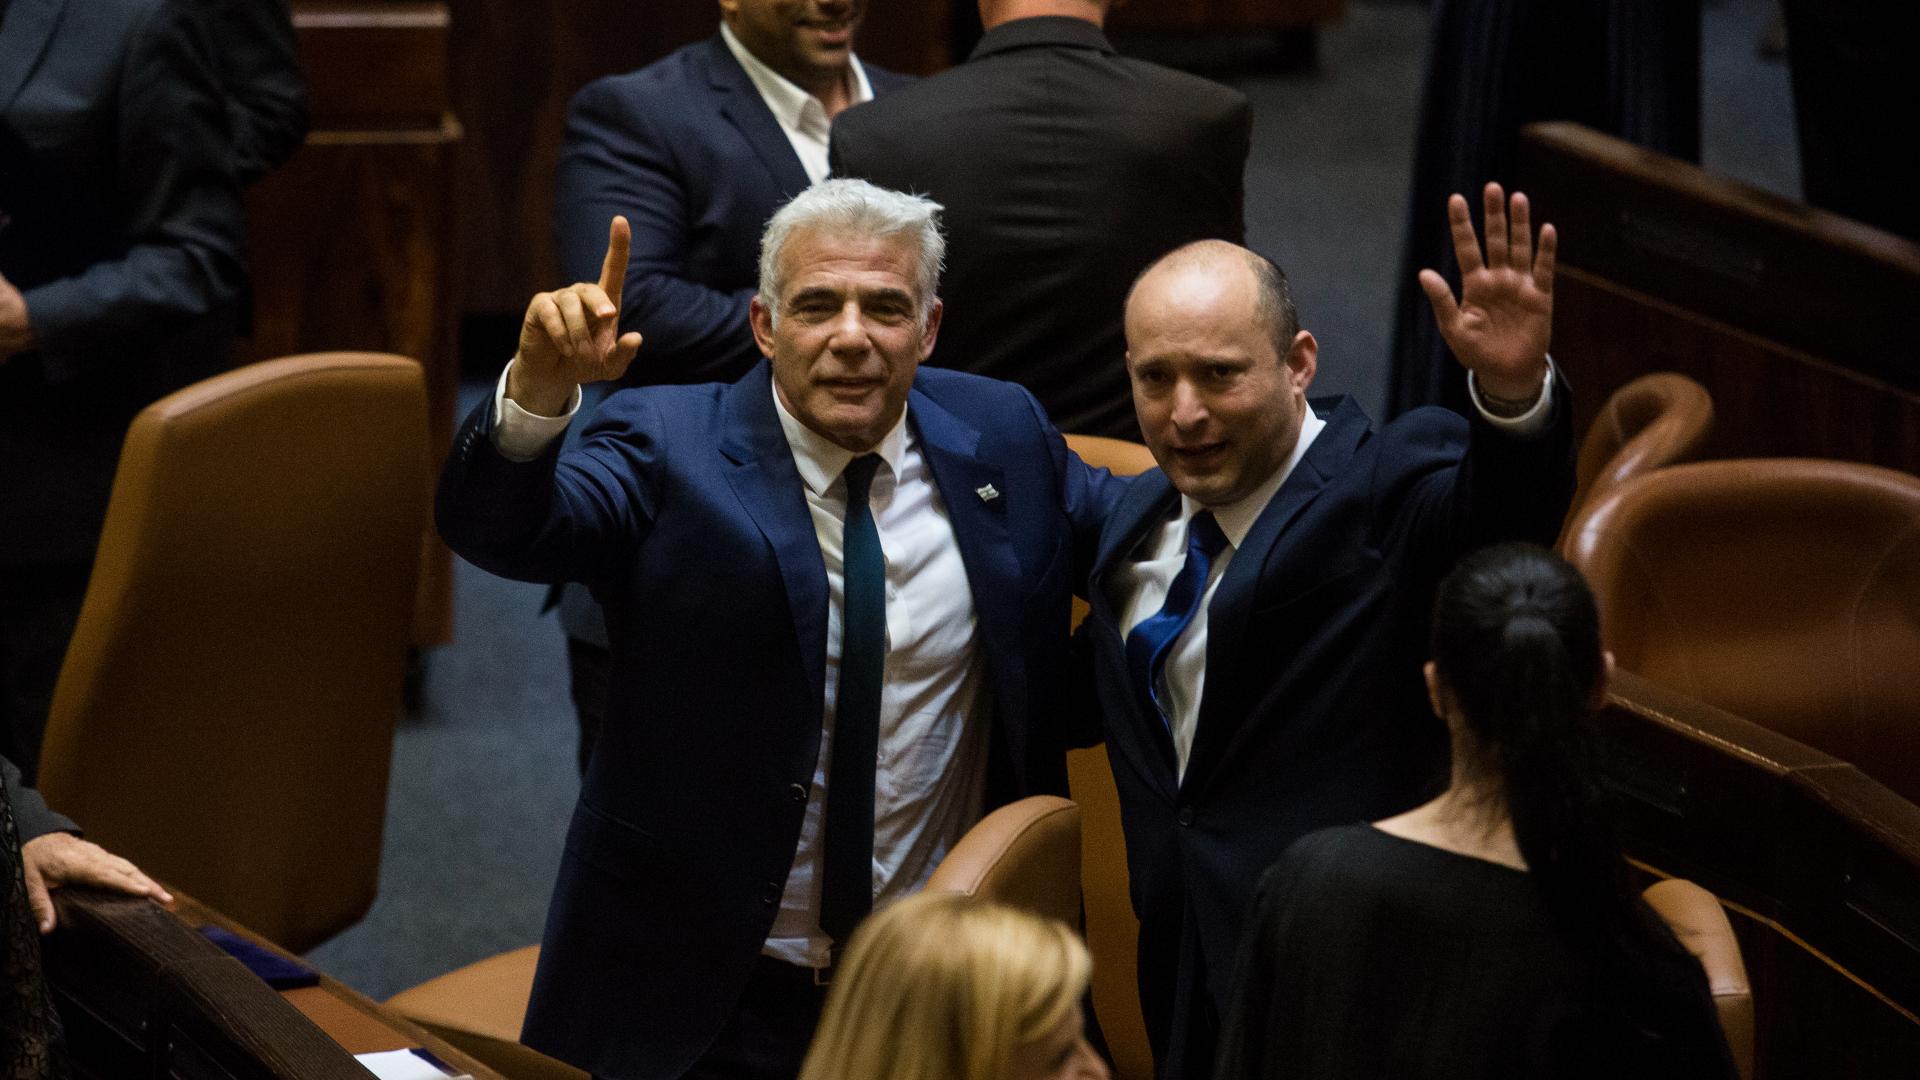 Naftali Bennett acena ao lado de Yair Lapid após votação no parlamento